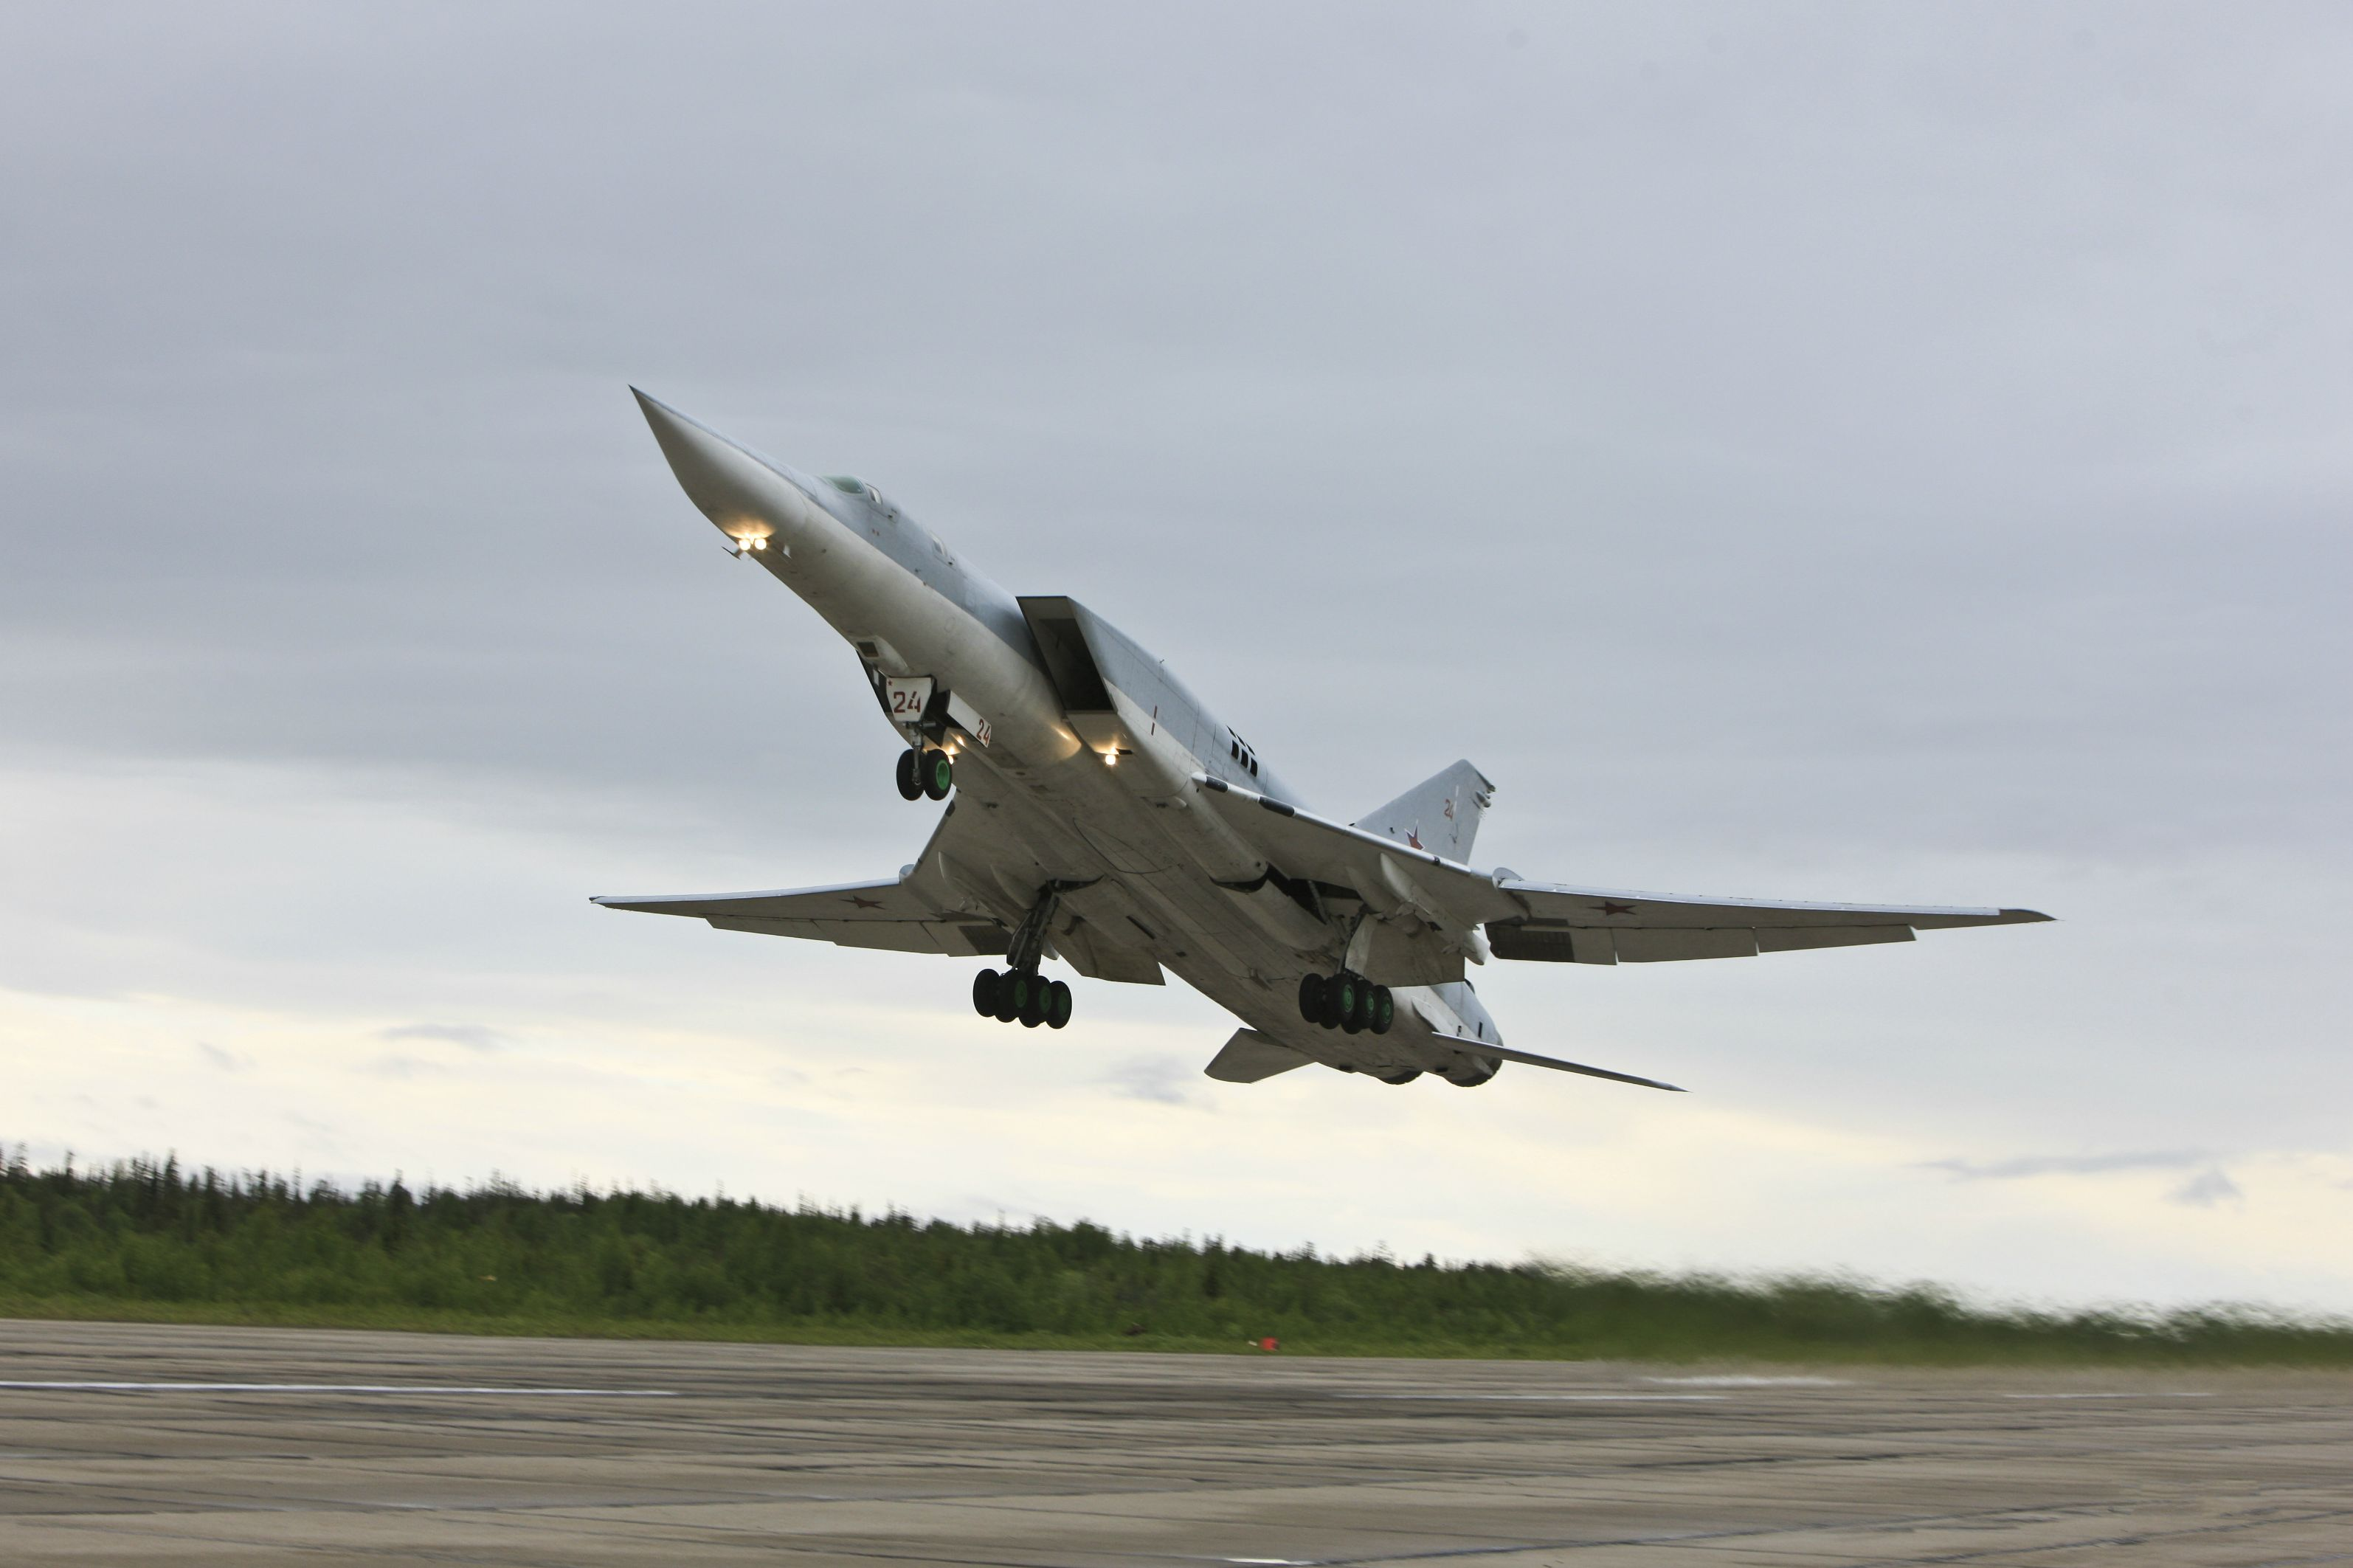 როგორ ჩამოაგდეს ქართველმა სამხედროებმა რუსული TU-22M3 ტიპის ბომდამშენი თვითფრინავი 2008 წლის აგვისტოს ომის დროს